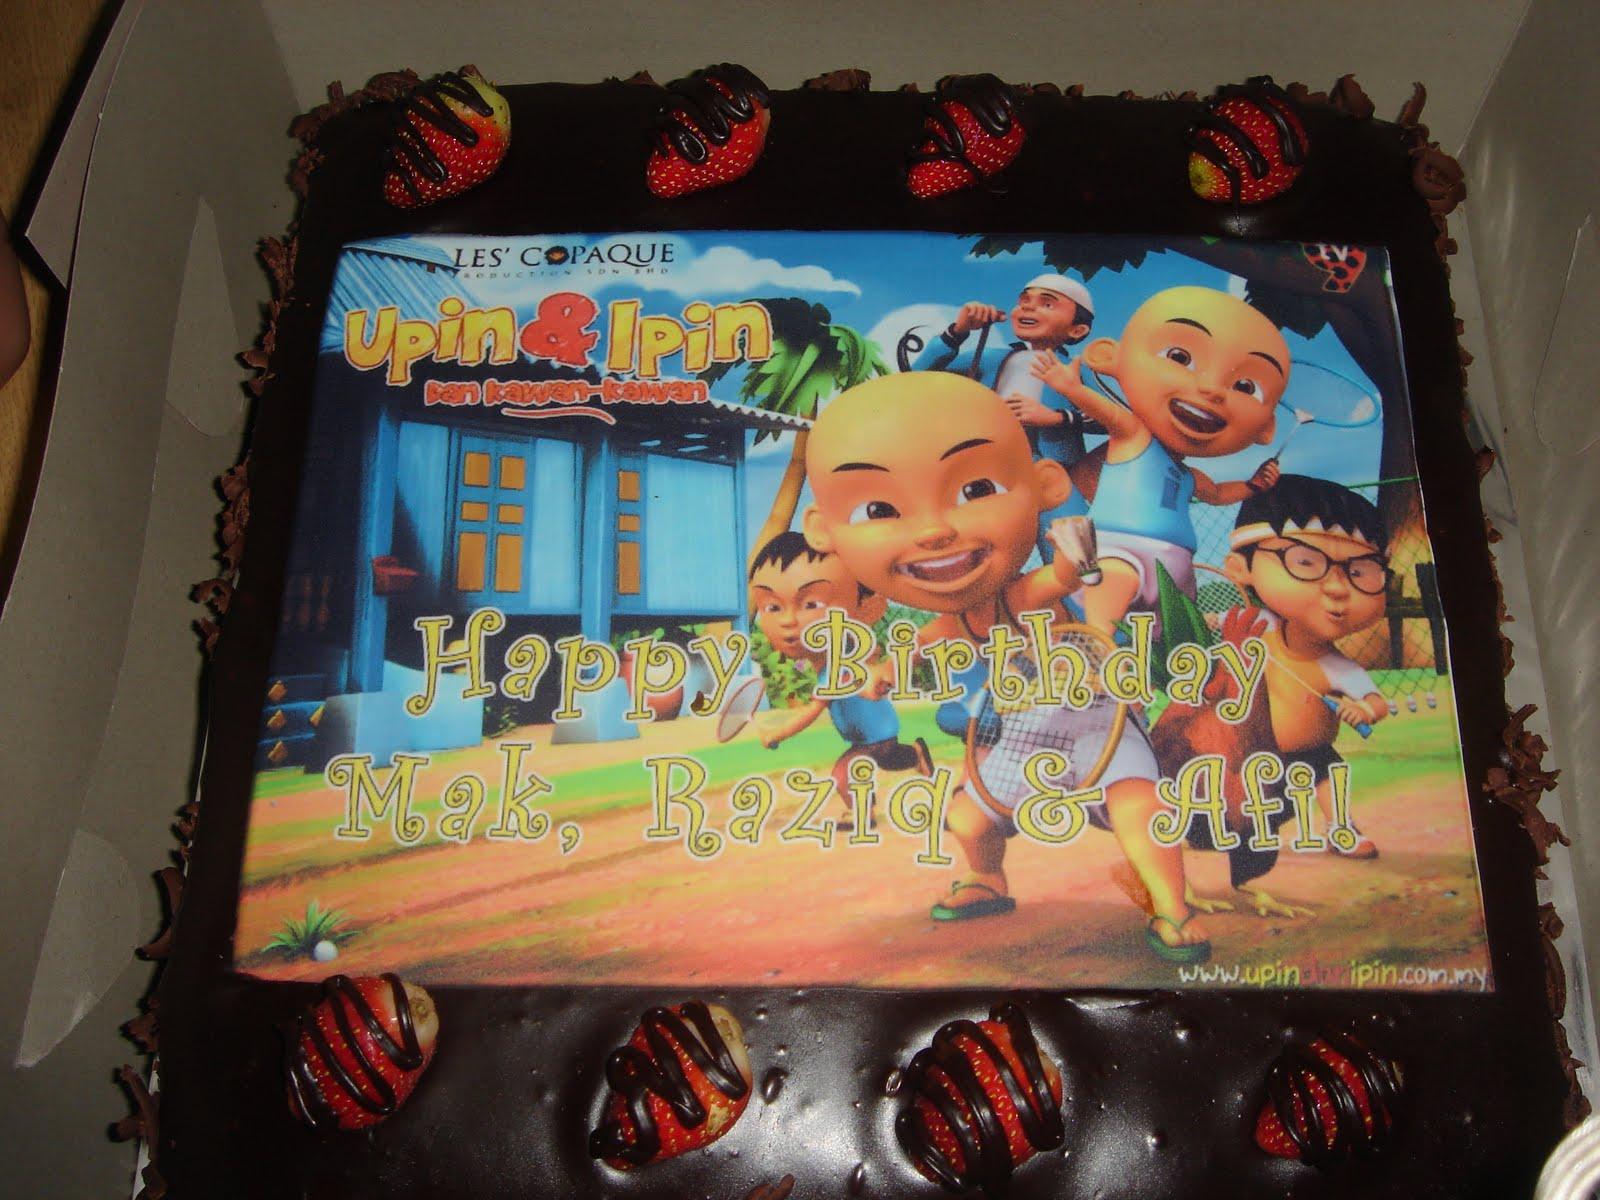 Flav Upin Ipin Birthday Cake